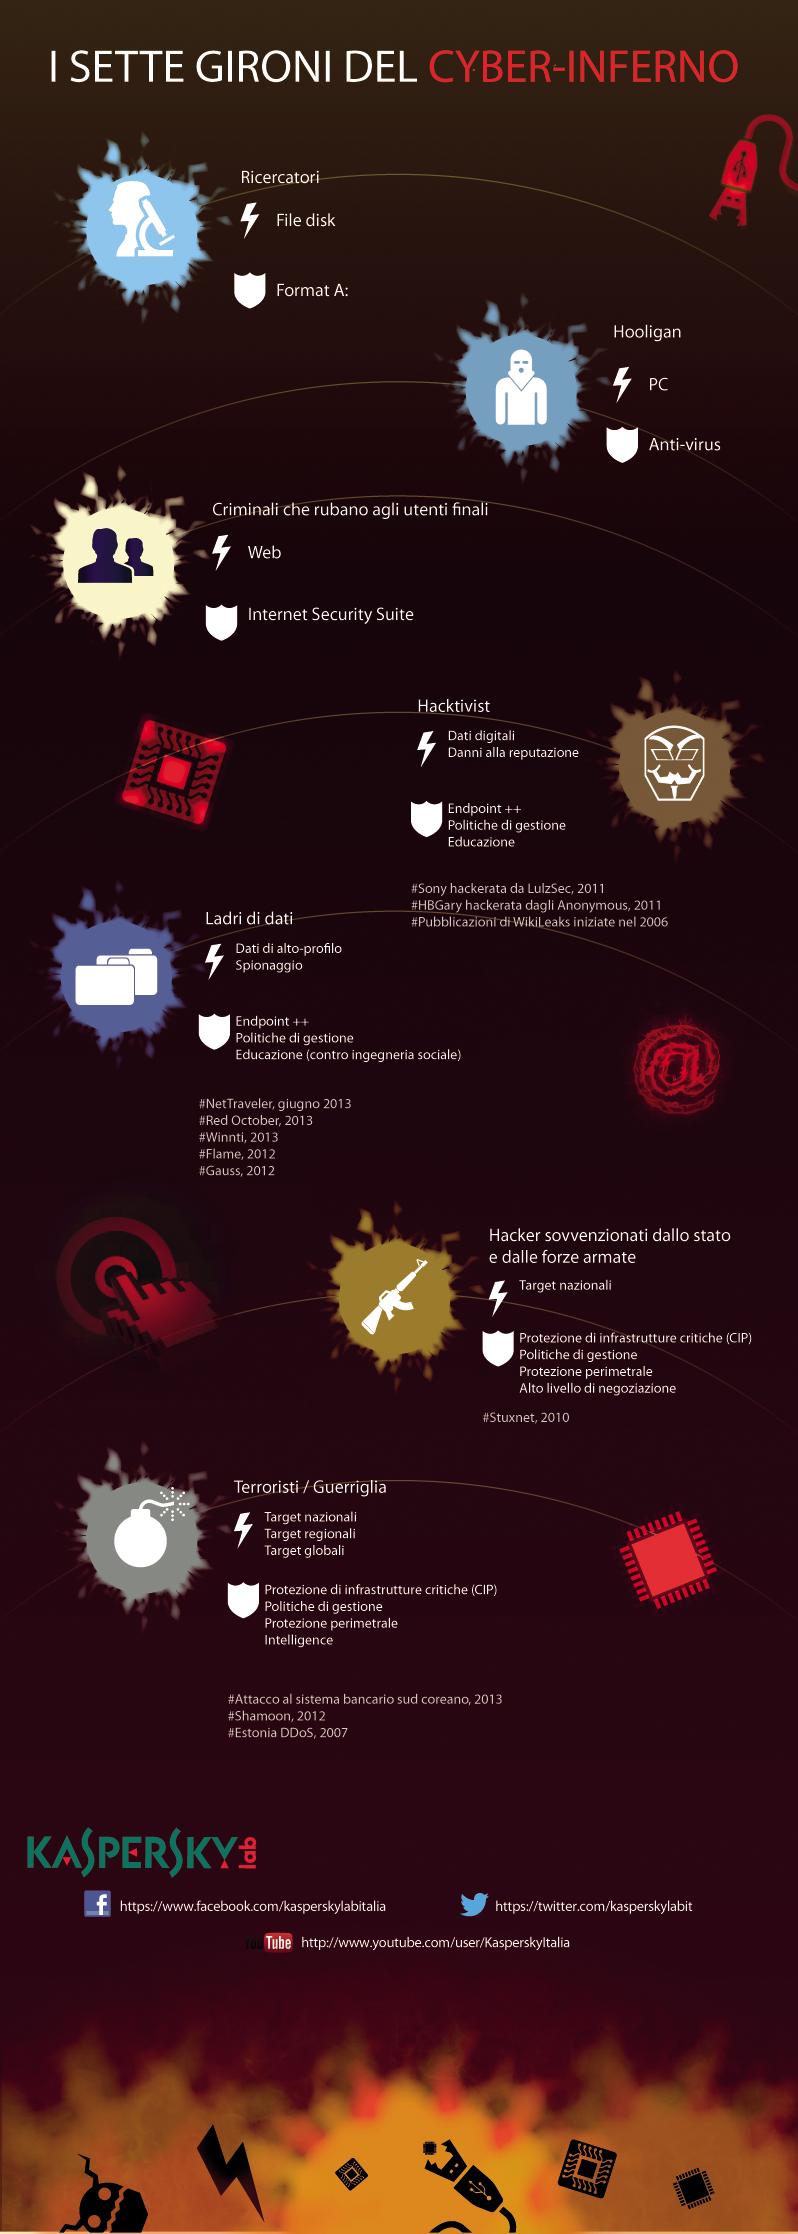 Infografica cyber-minacce